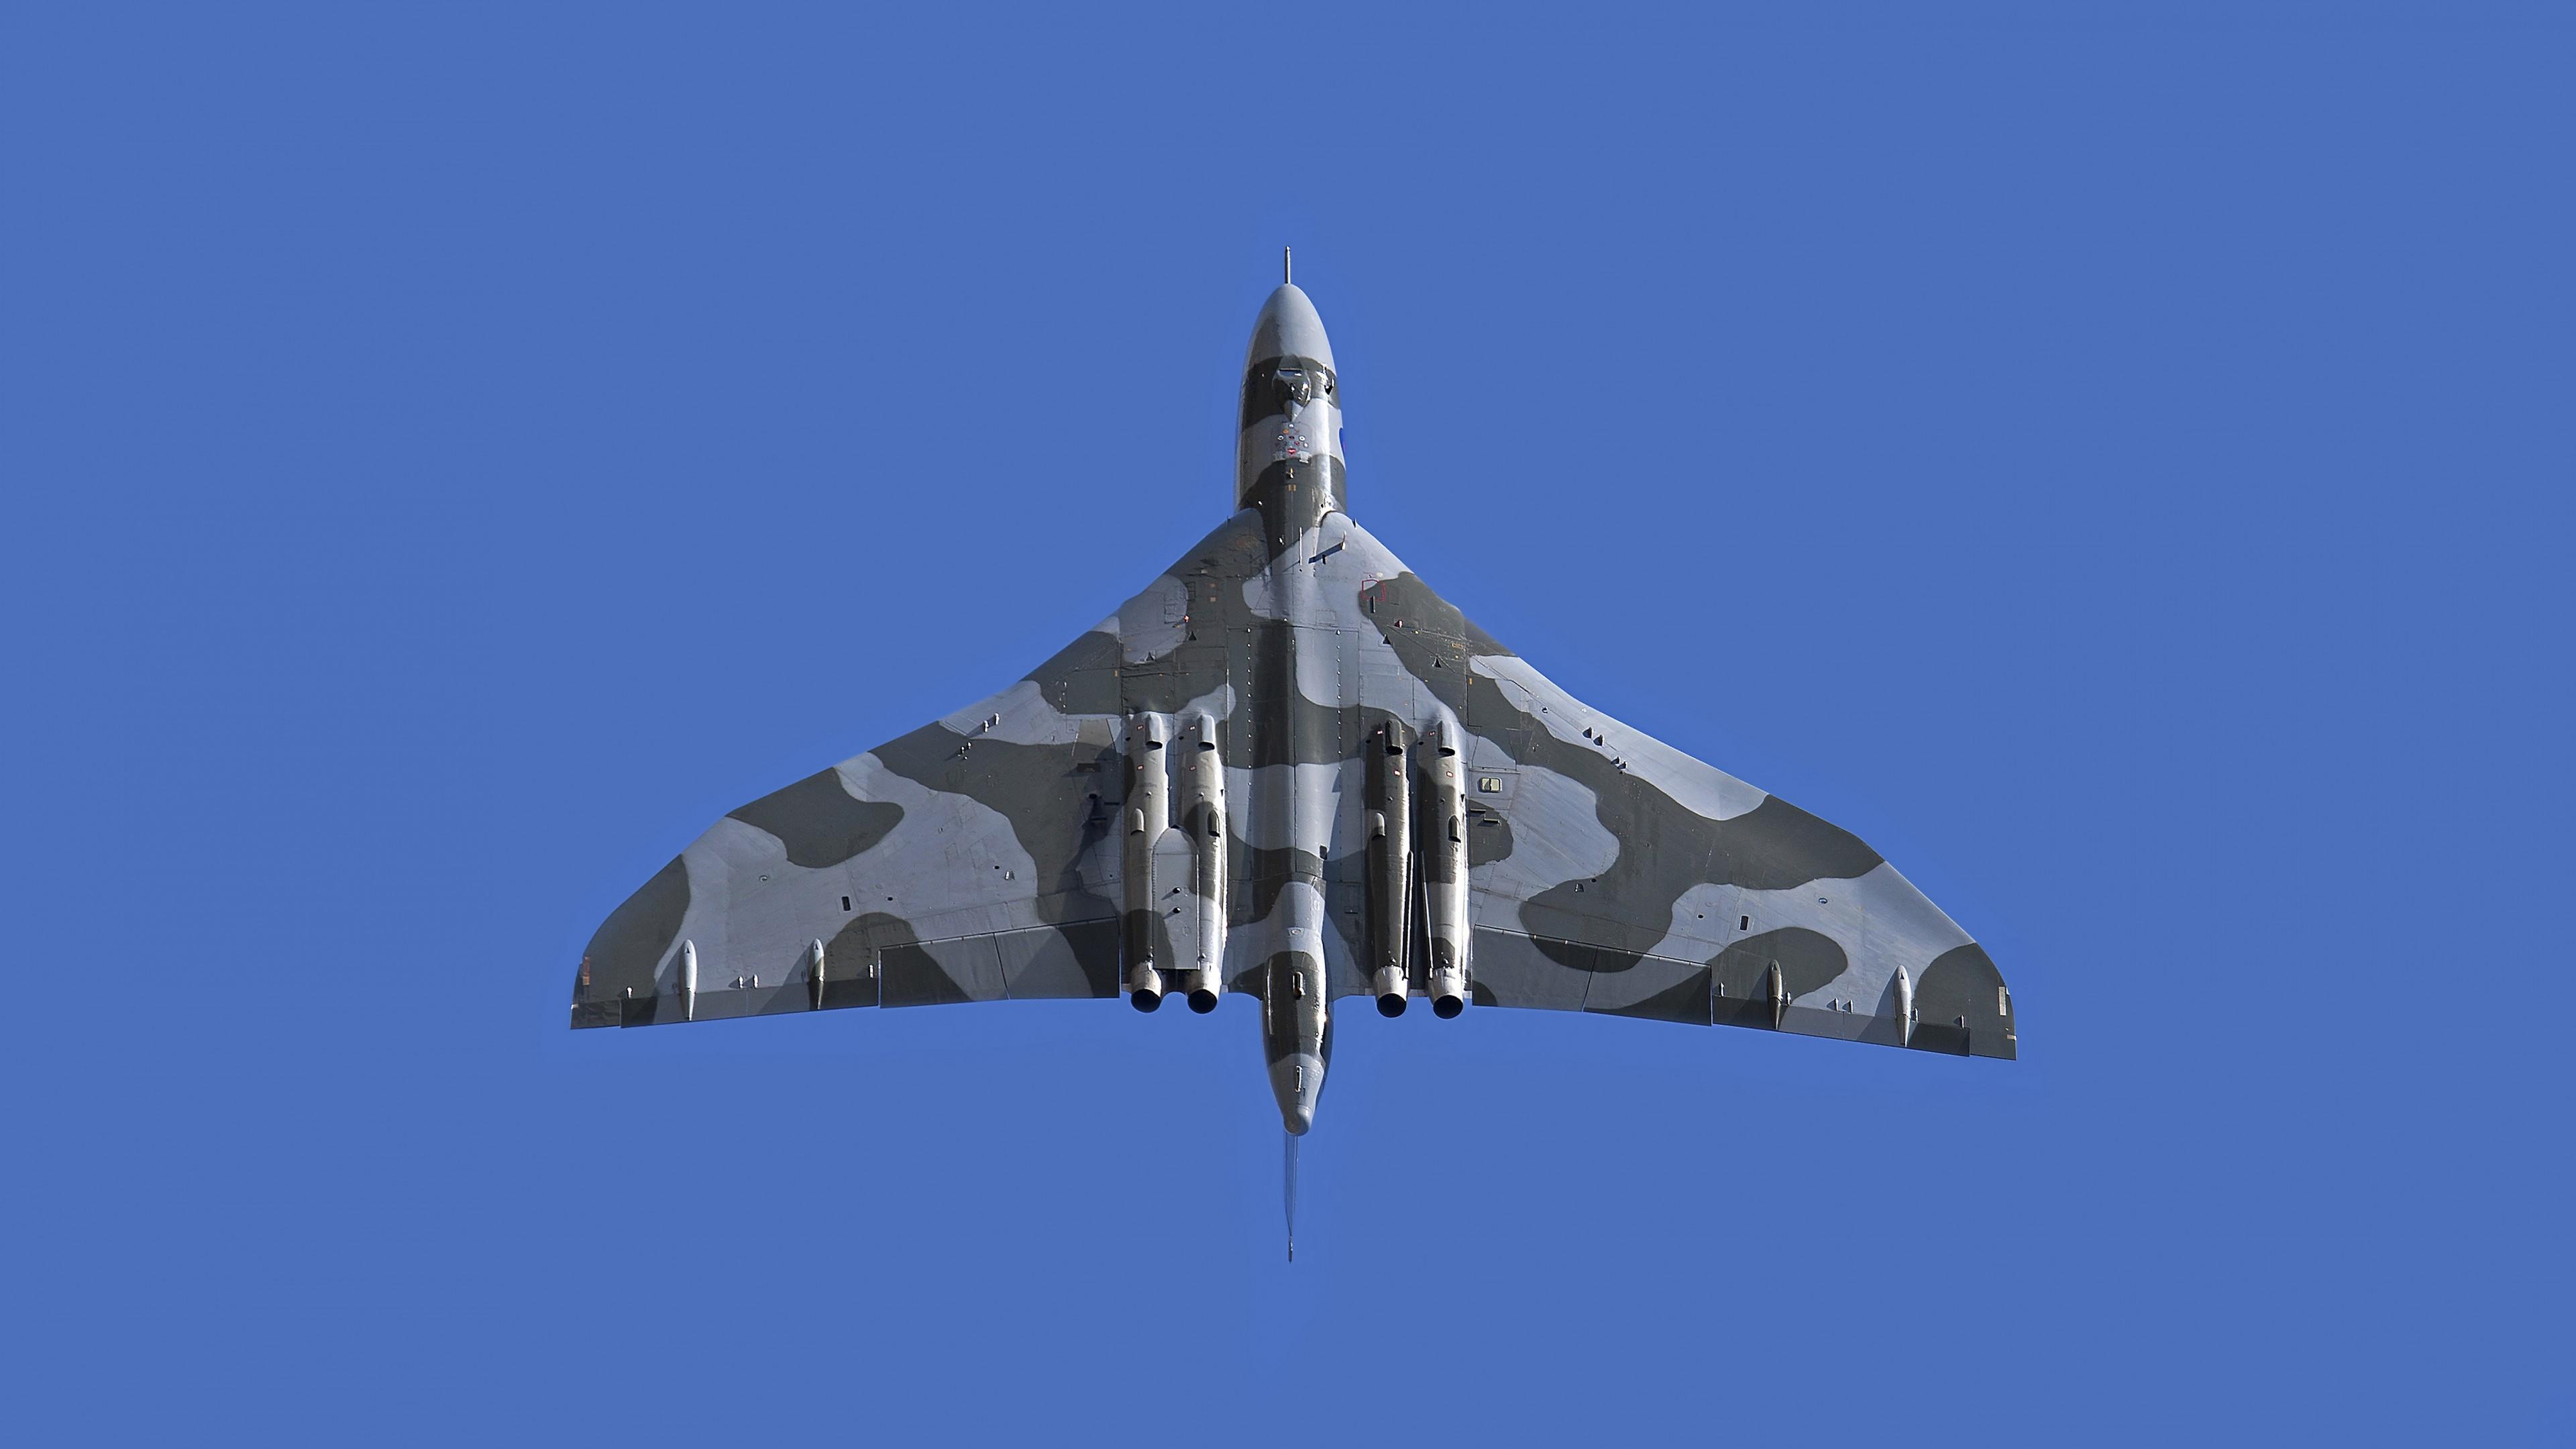 Военный истребитель в безоблачном голубом небе